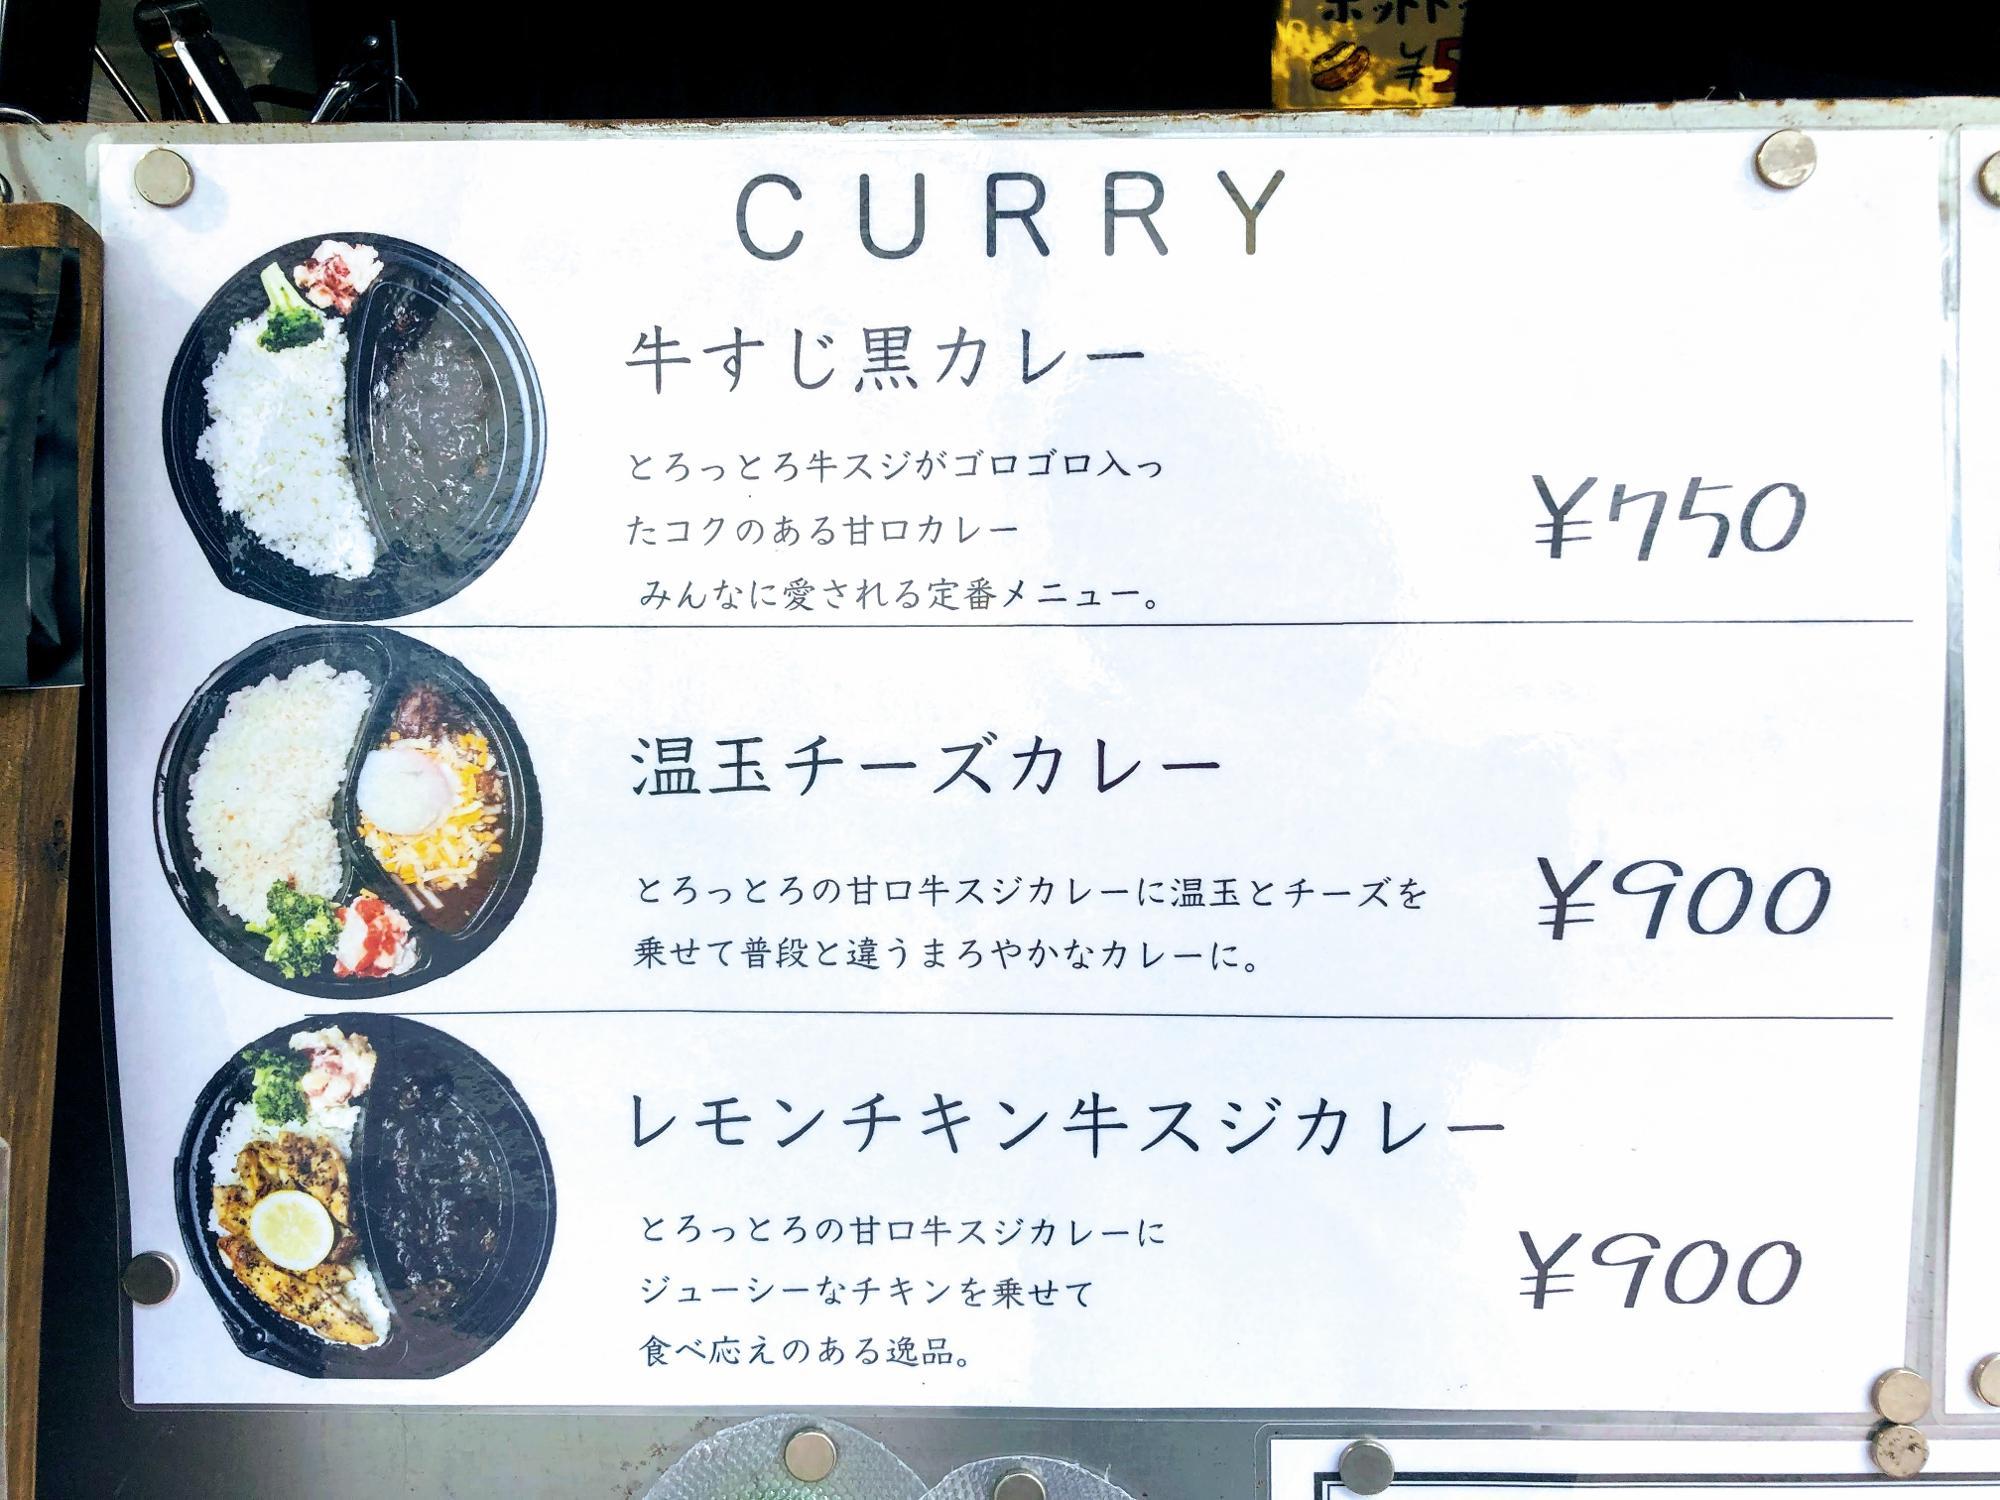 牛すじ黒カレー(750円)、温玉チーズカレー(900円)、レモンチキン牛すじカレー(900円)